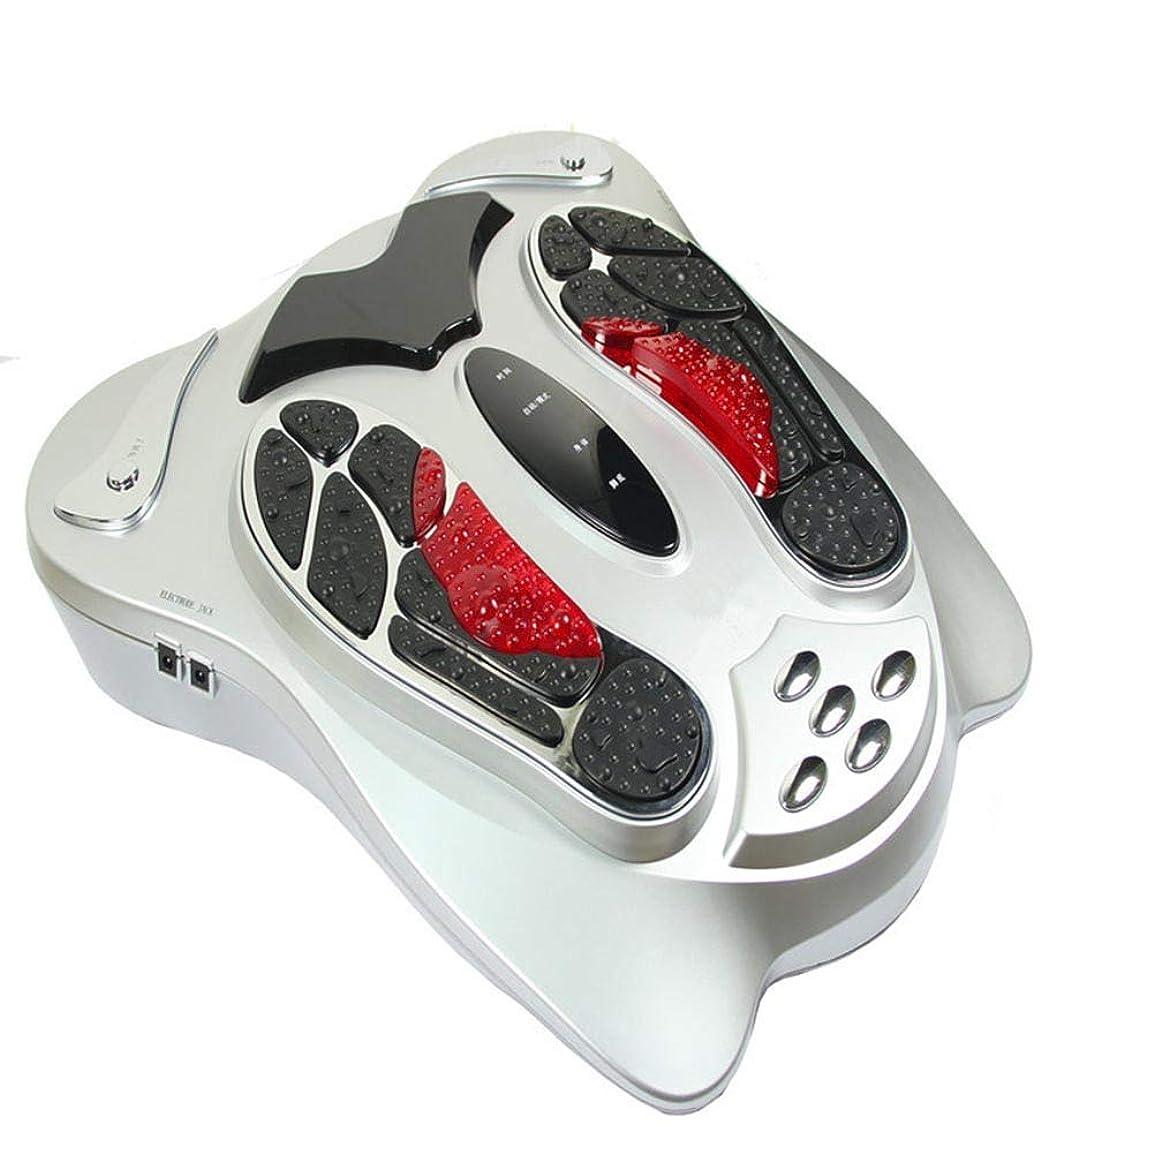 通知するファイアル嫌い電磁式フットマッサージ、50のマッサージモード、99の調整可能な強度、フットケア、および自宅でのストレス緩和